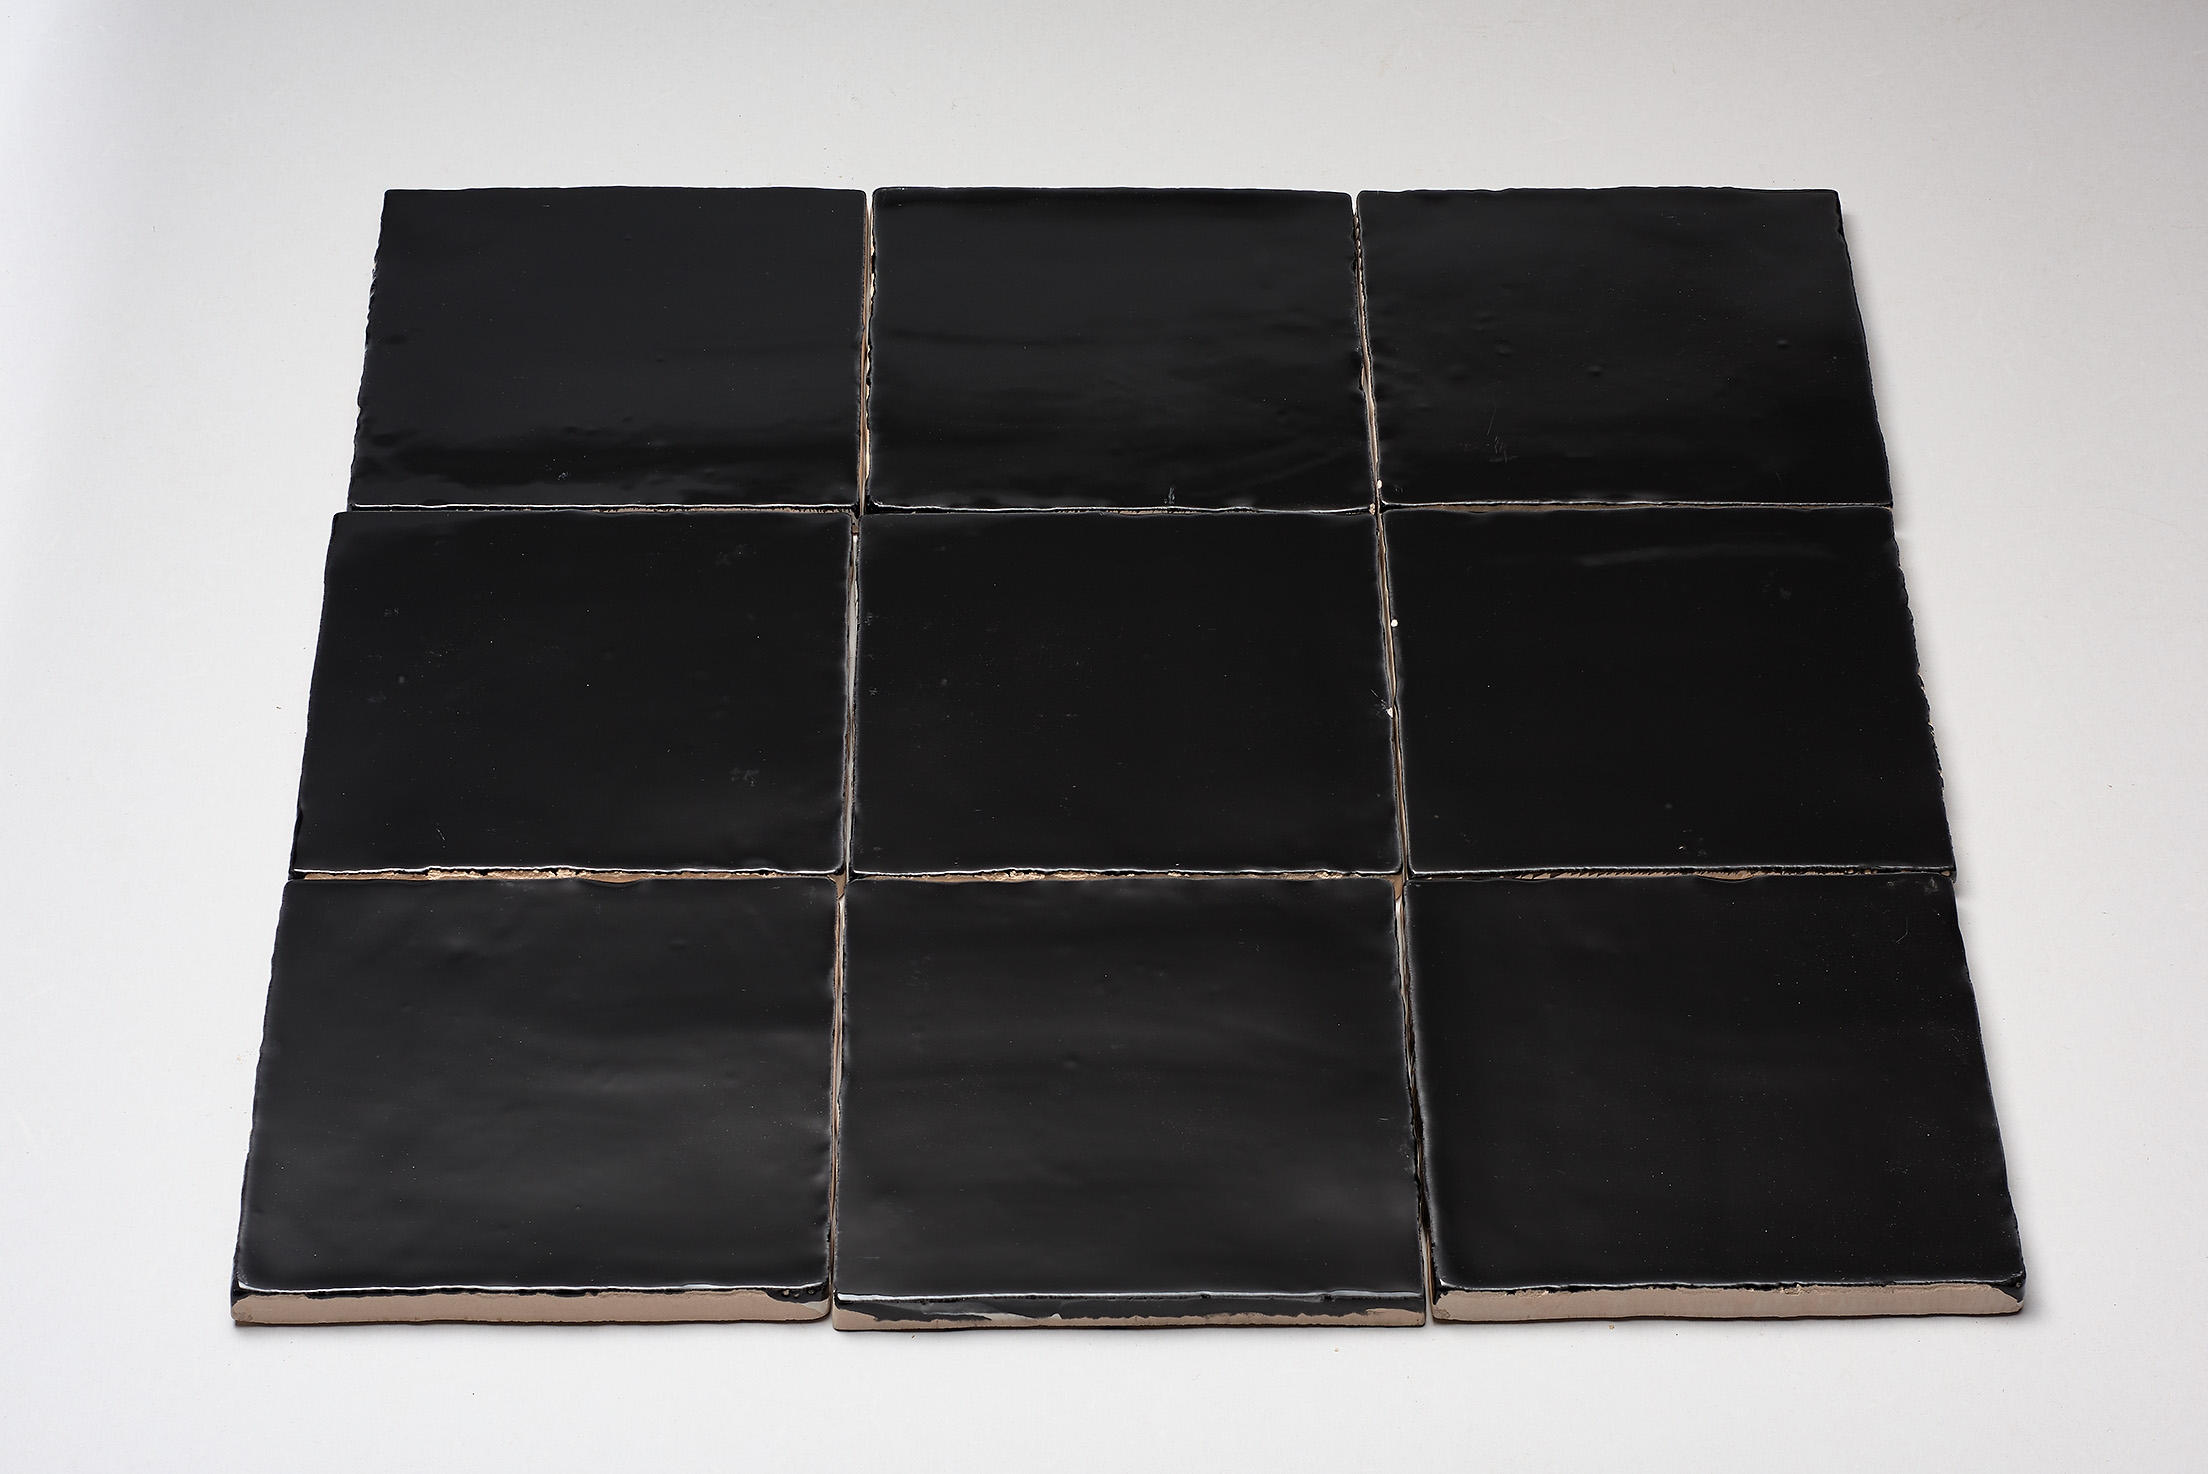 DTG Oud Hollands mozaïek wandtegel 13×13 zwart Tegels | Mozaïeken | Standaard mozaiek kopen? Lees eerst hier en profiteer van extra voordeel